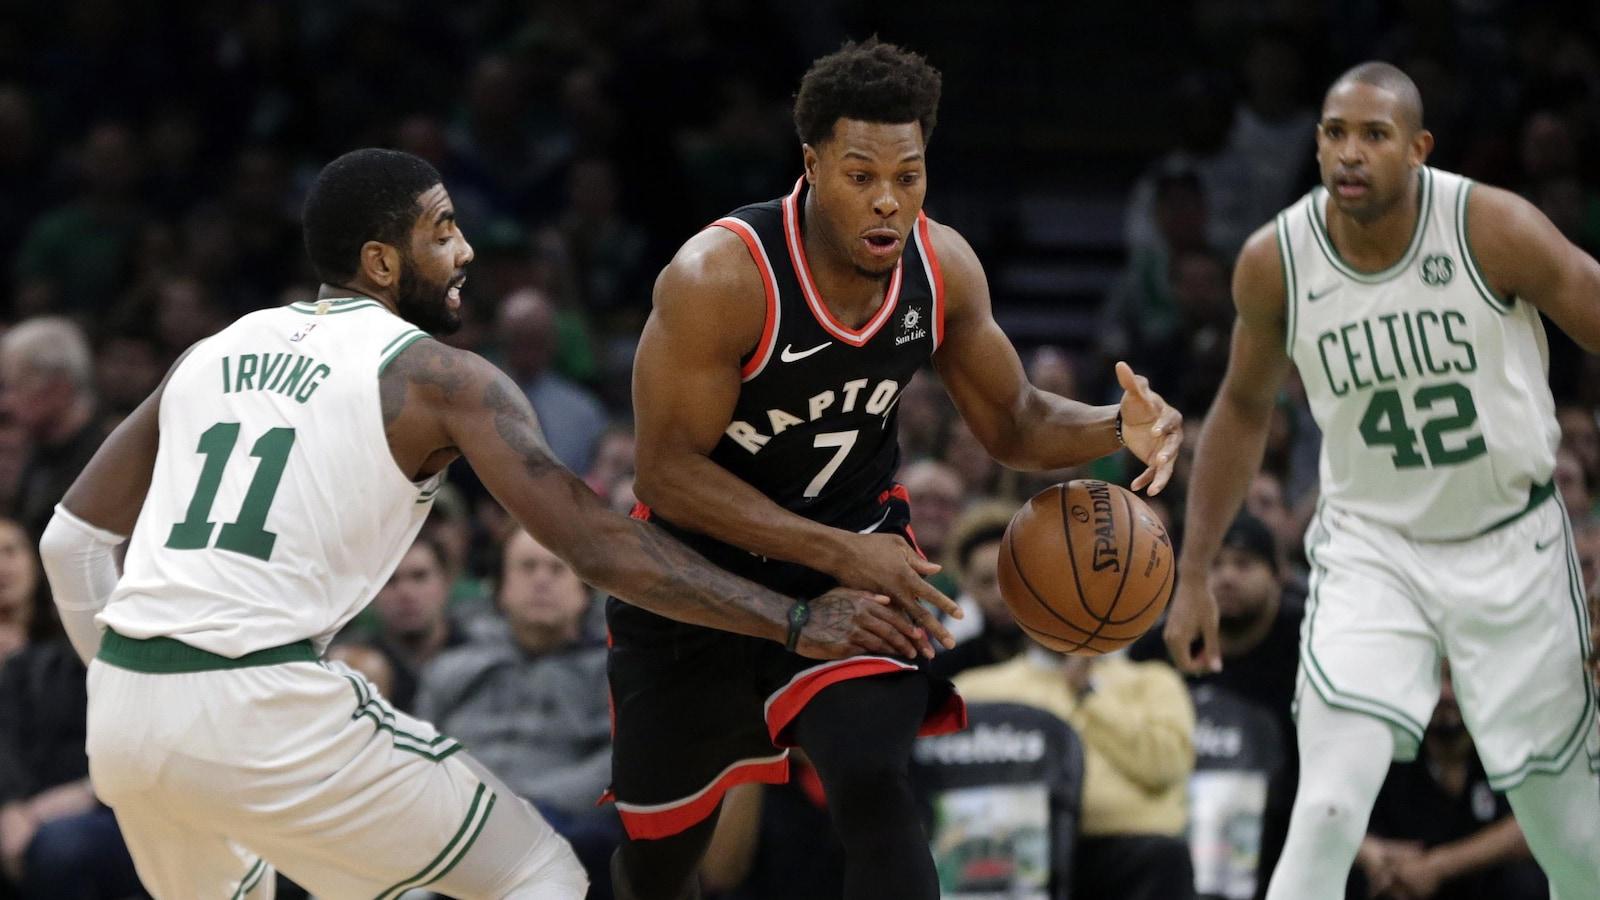 Le garde des Celtics Kyrie Irving vole le ballon à celui des Raptors Kyle Lowry, sous le regard de l'ailier fort Al Horford.